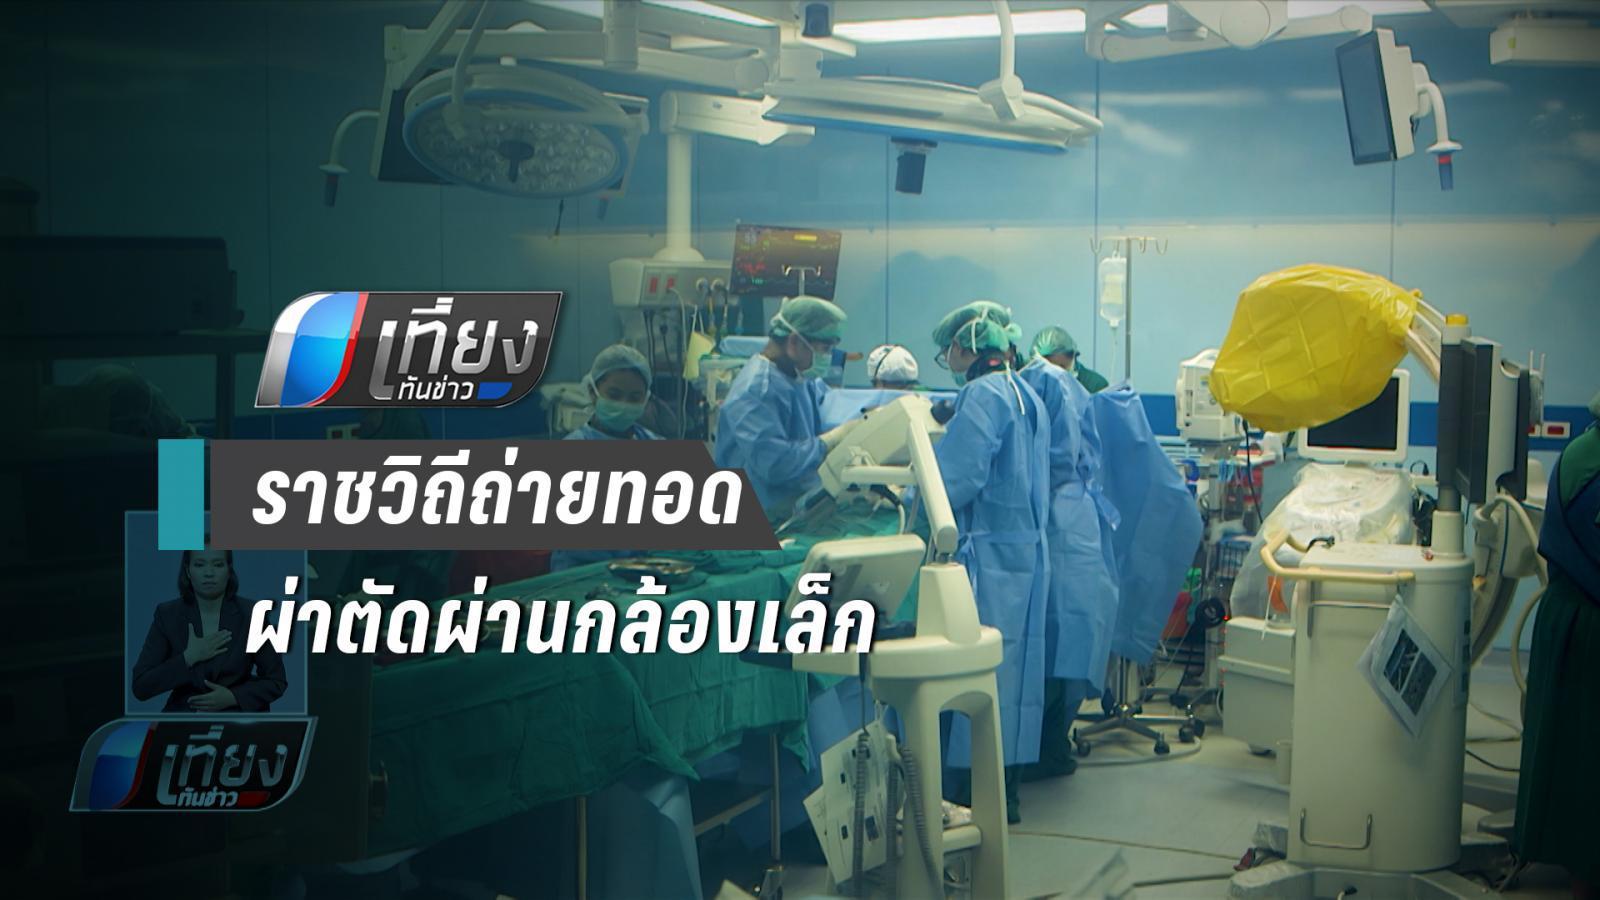 ราชวิถีถ่ายทอด 400 แพทย์อาเซียน ผ่าตัดผ่านกล้องเล็ก